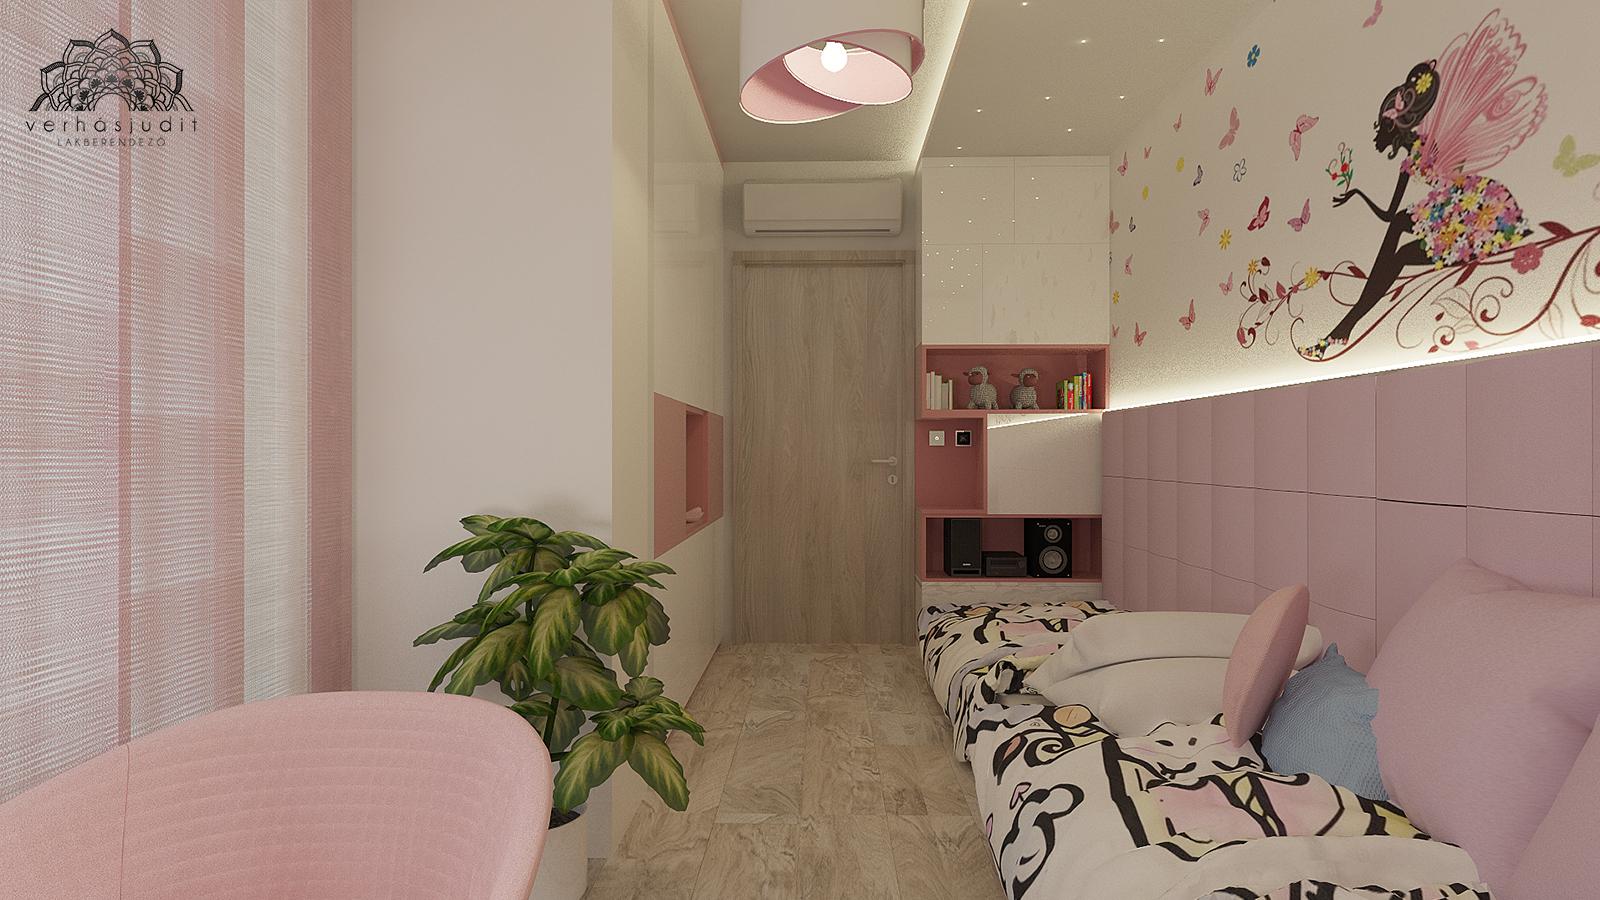 Penthouse lakás - Gyerekszoba - Székesfehérvár